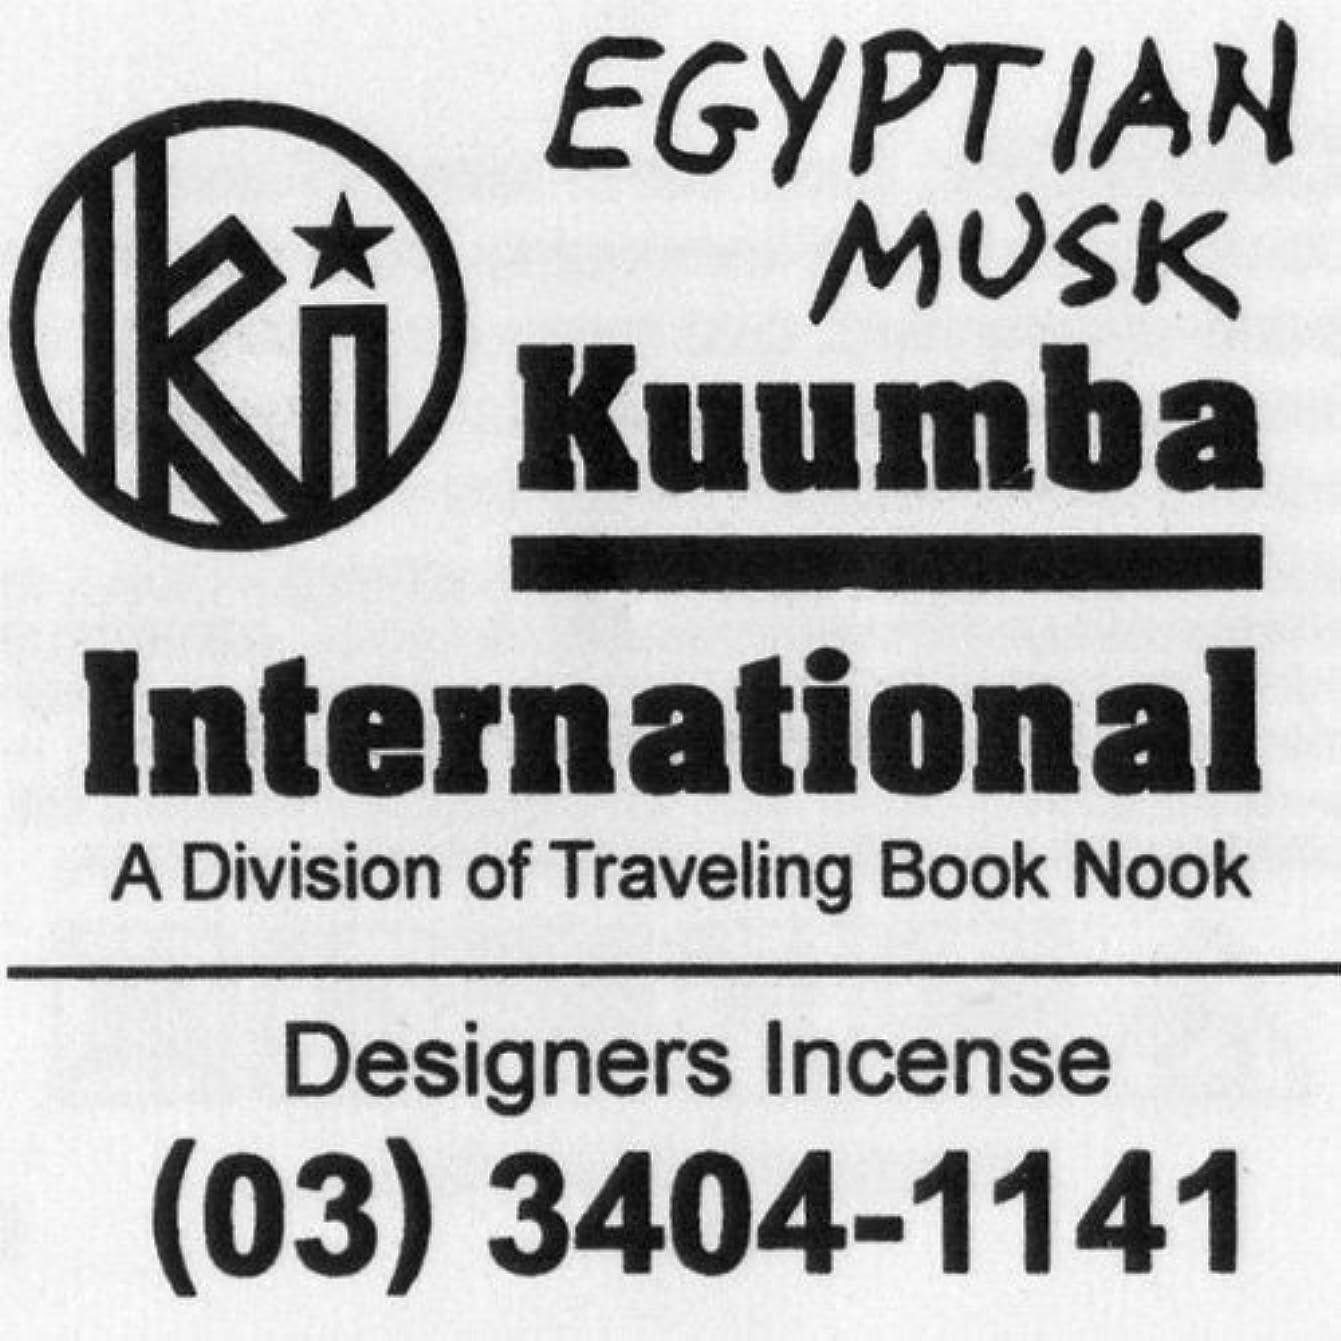 自然公園命令多年生KUUMBA / クンバ『incense』(EGYPTIAN MUSK) (Regular size)